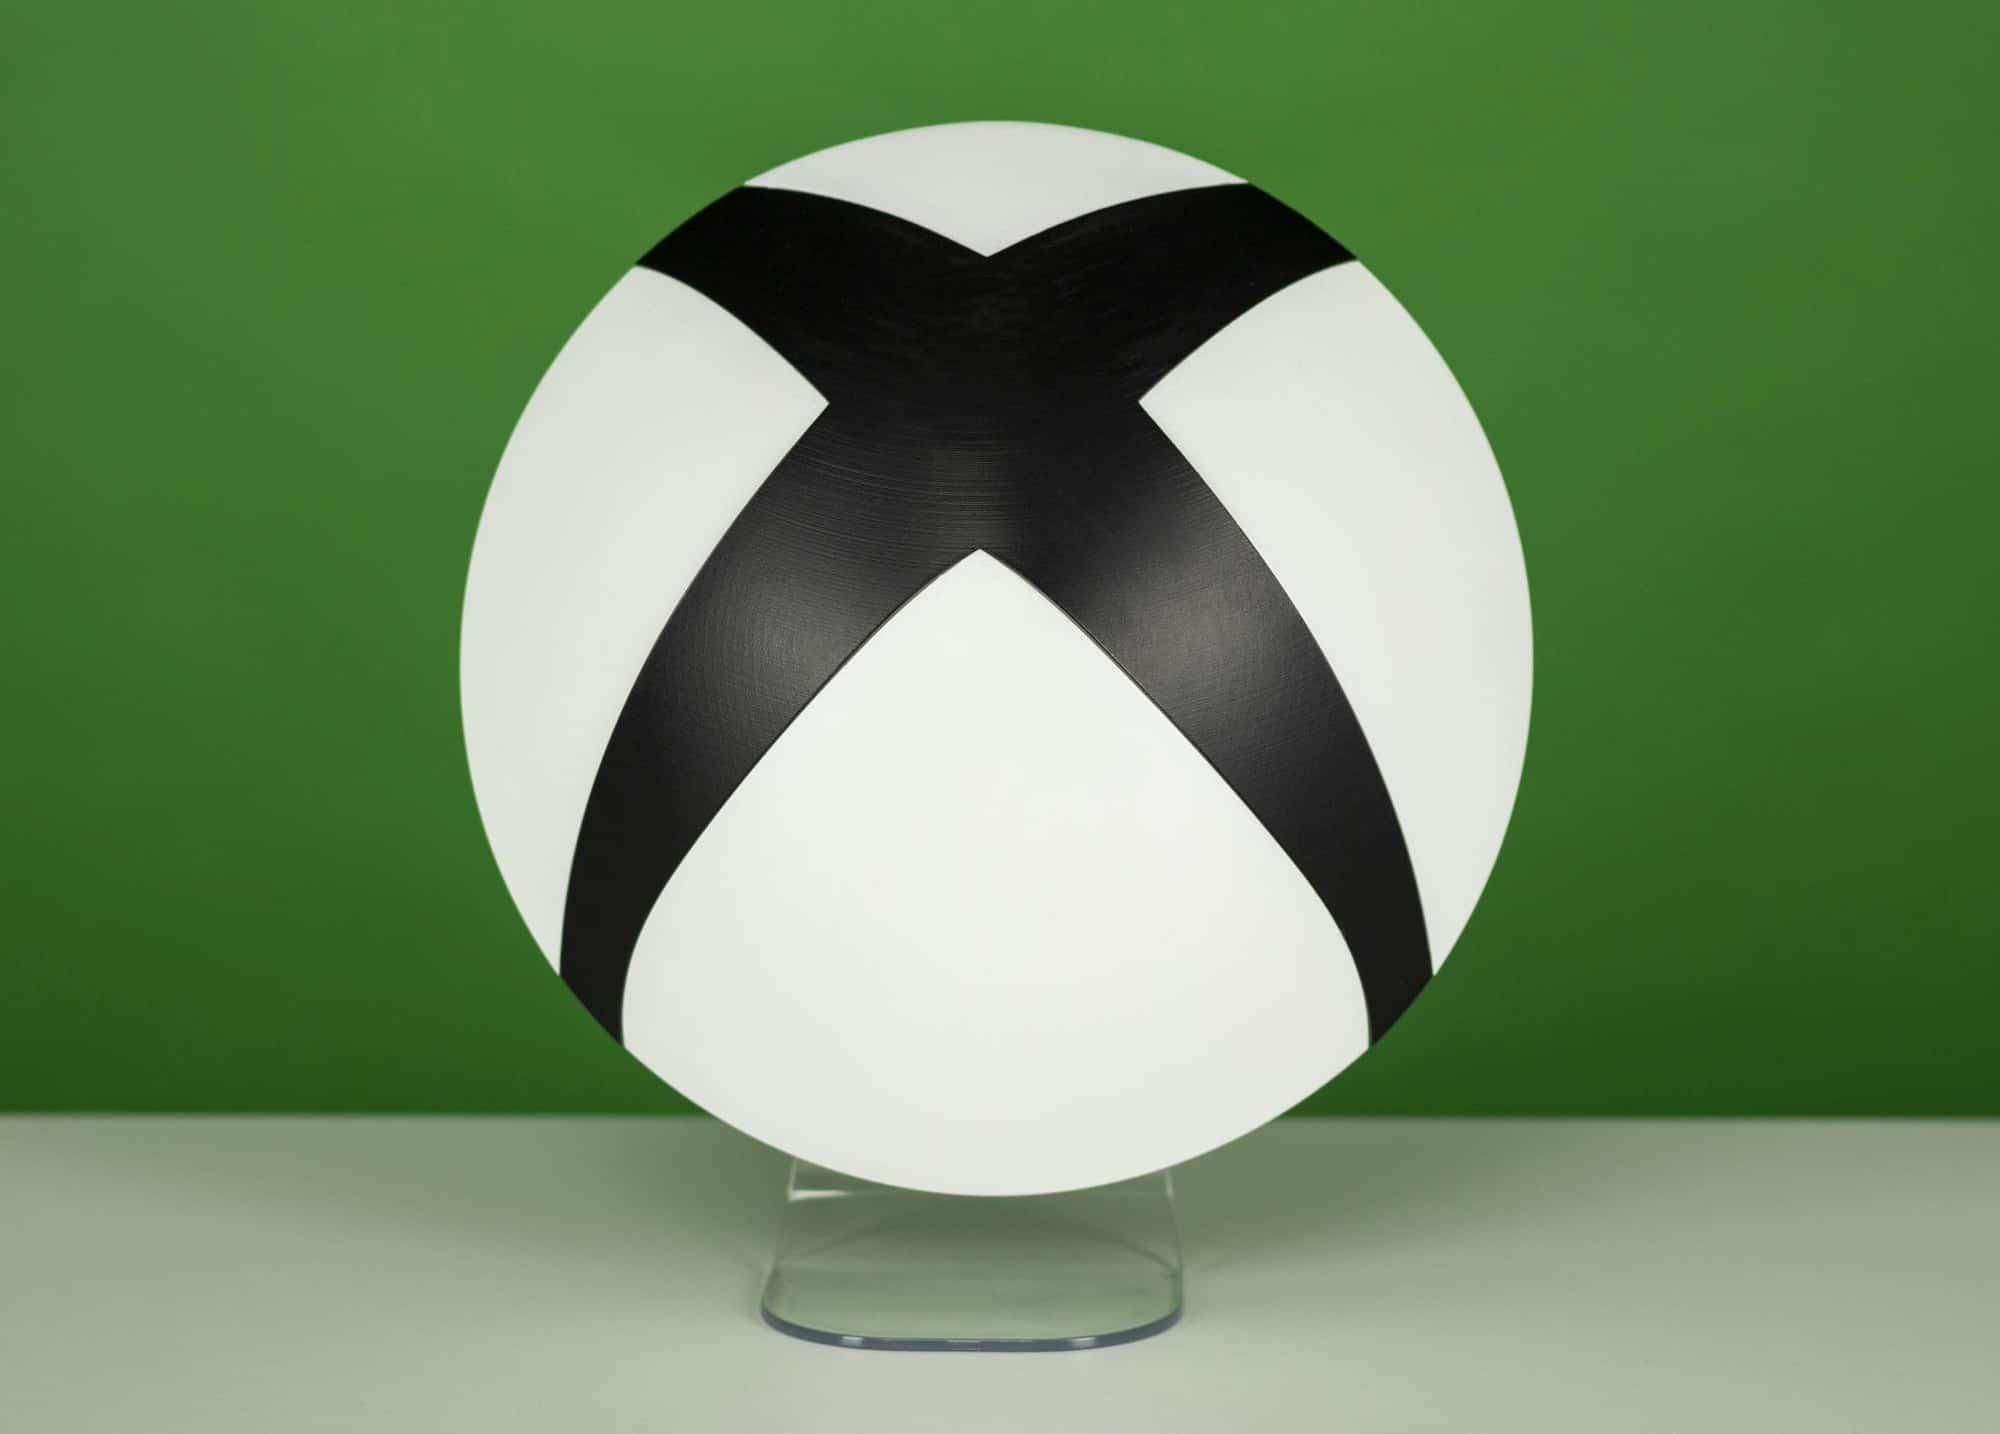 Das Logo der Xbox als Lampe - warum nicht? (Foto: Merchoid)